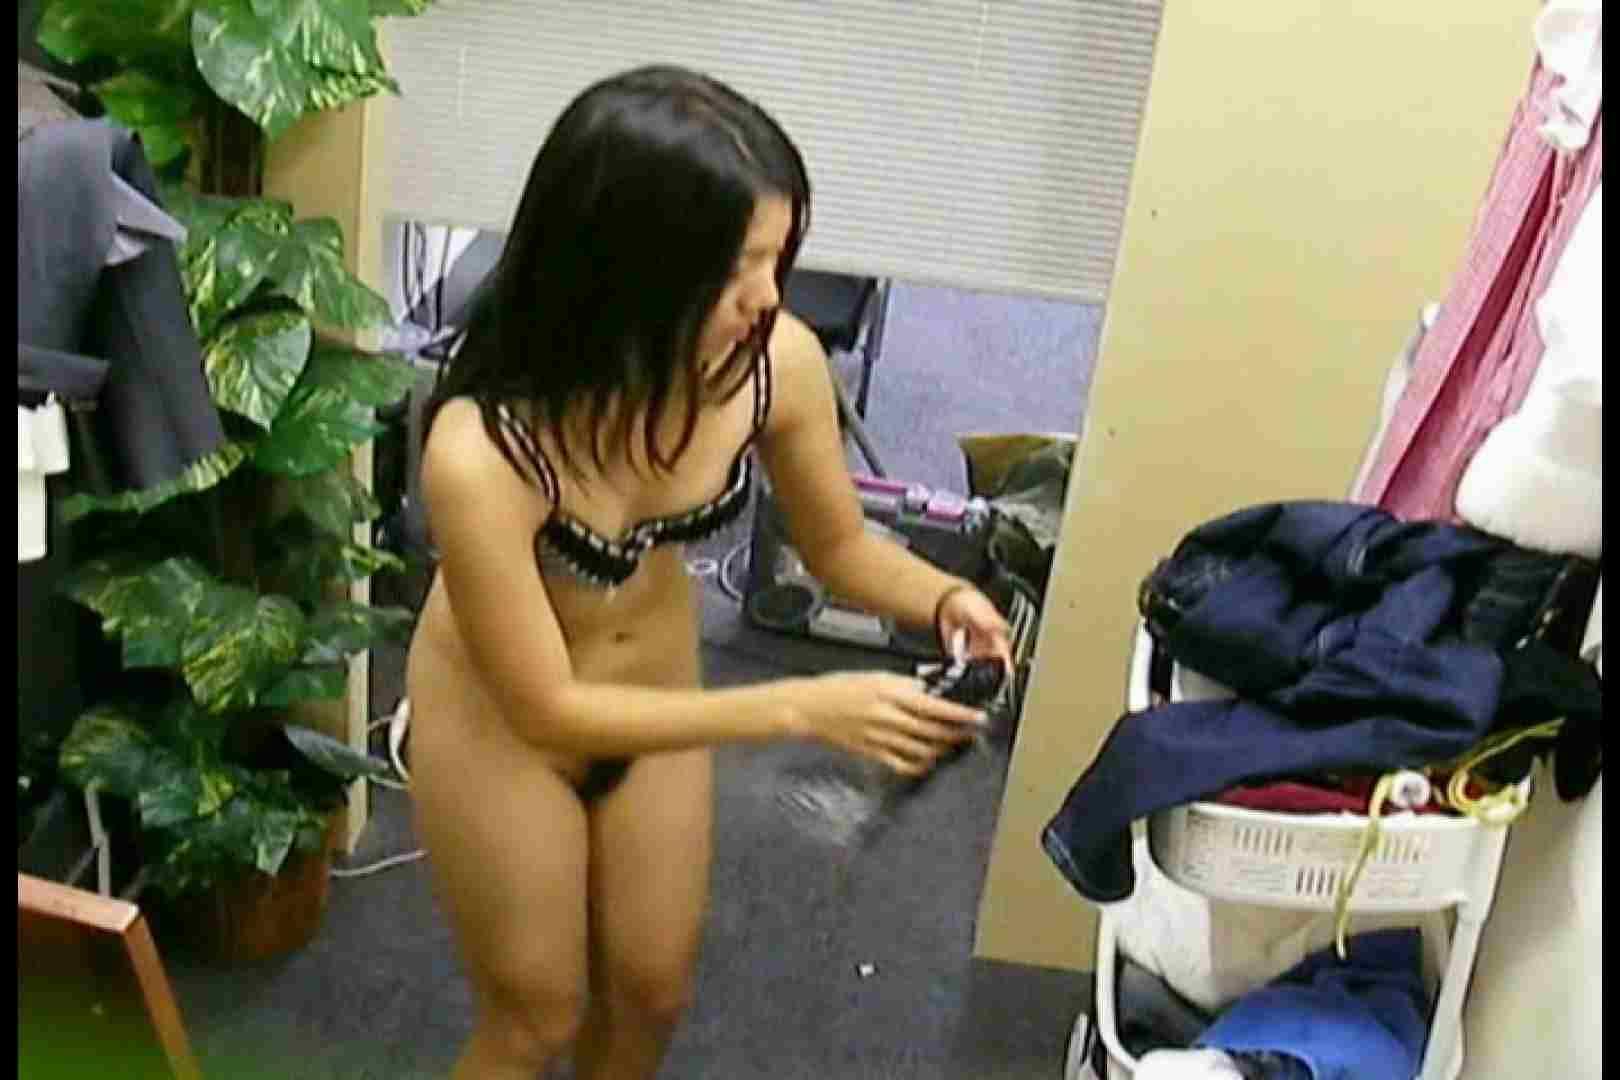 巨乳 乳首:素人撮影 下着だけの撮影のはずが・・・仮名Z子ちゃん:大奥